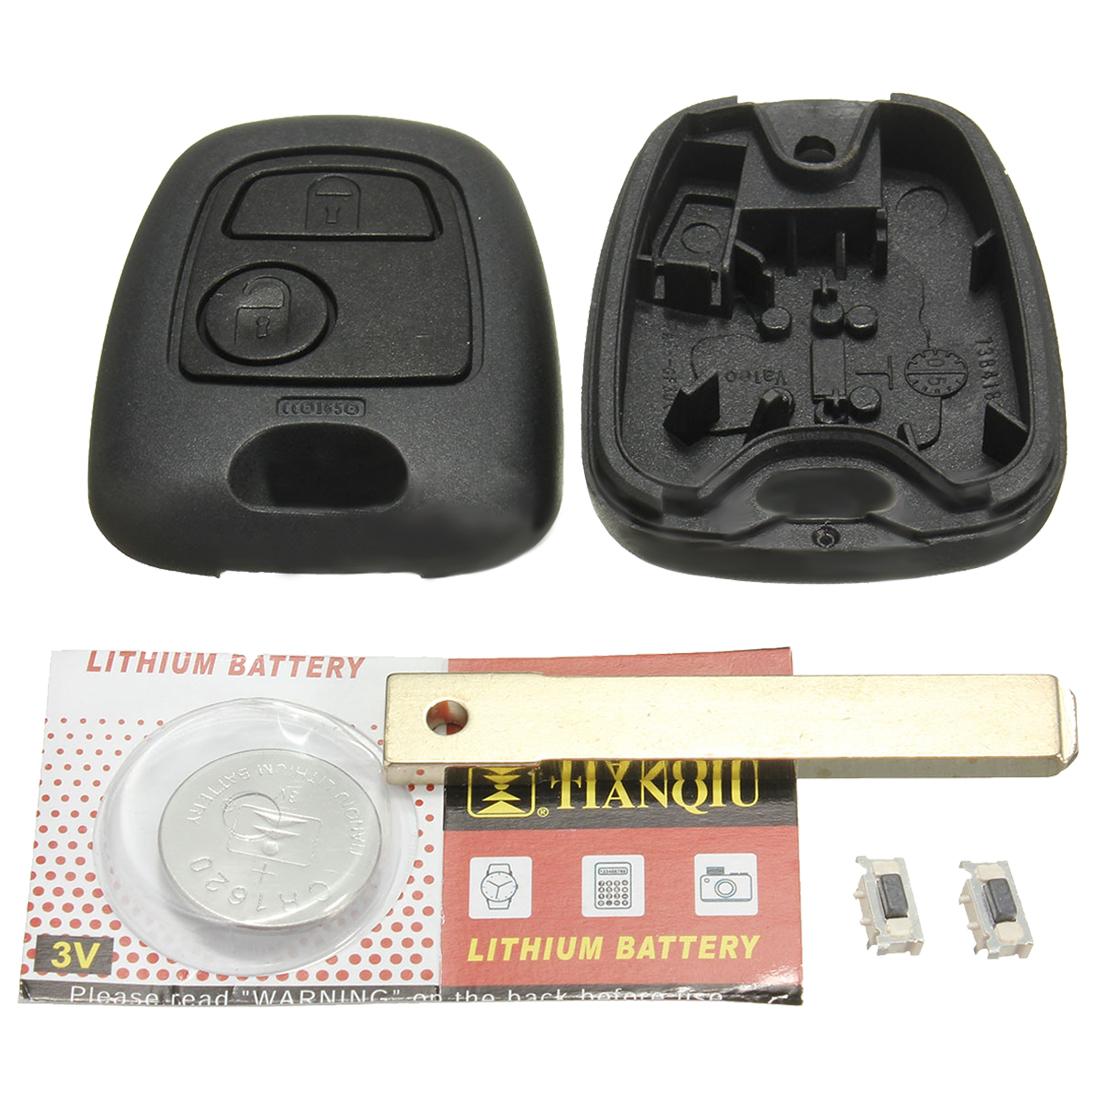 2 tasti cover scocca guscio chiave per telecomando toyota aygo batteria pul e3k0 ebay. Black Bedroom Furniture Sets. Home Design Ideas